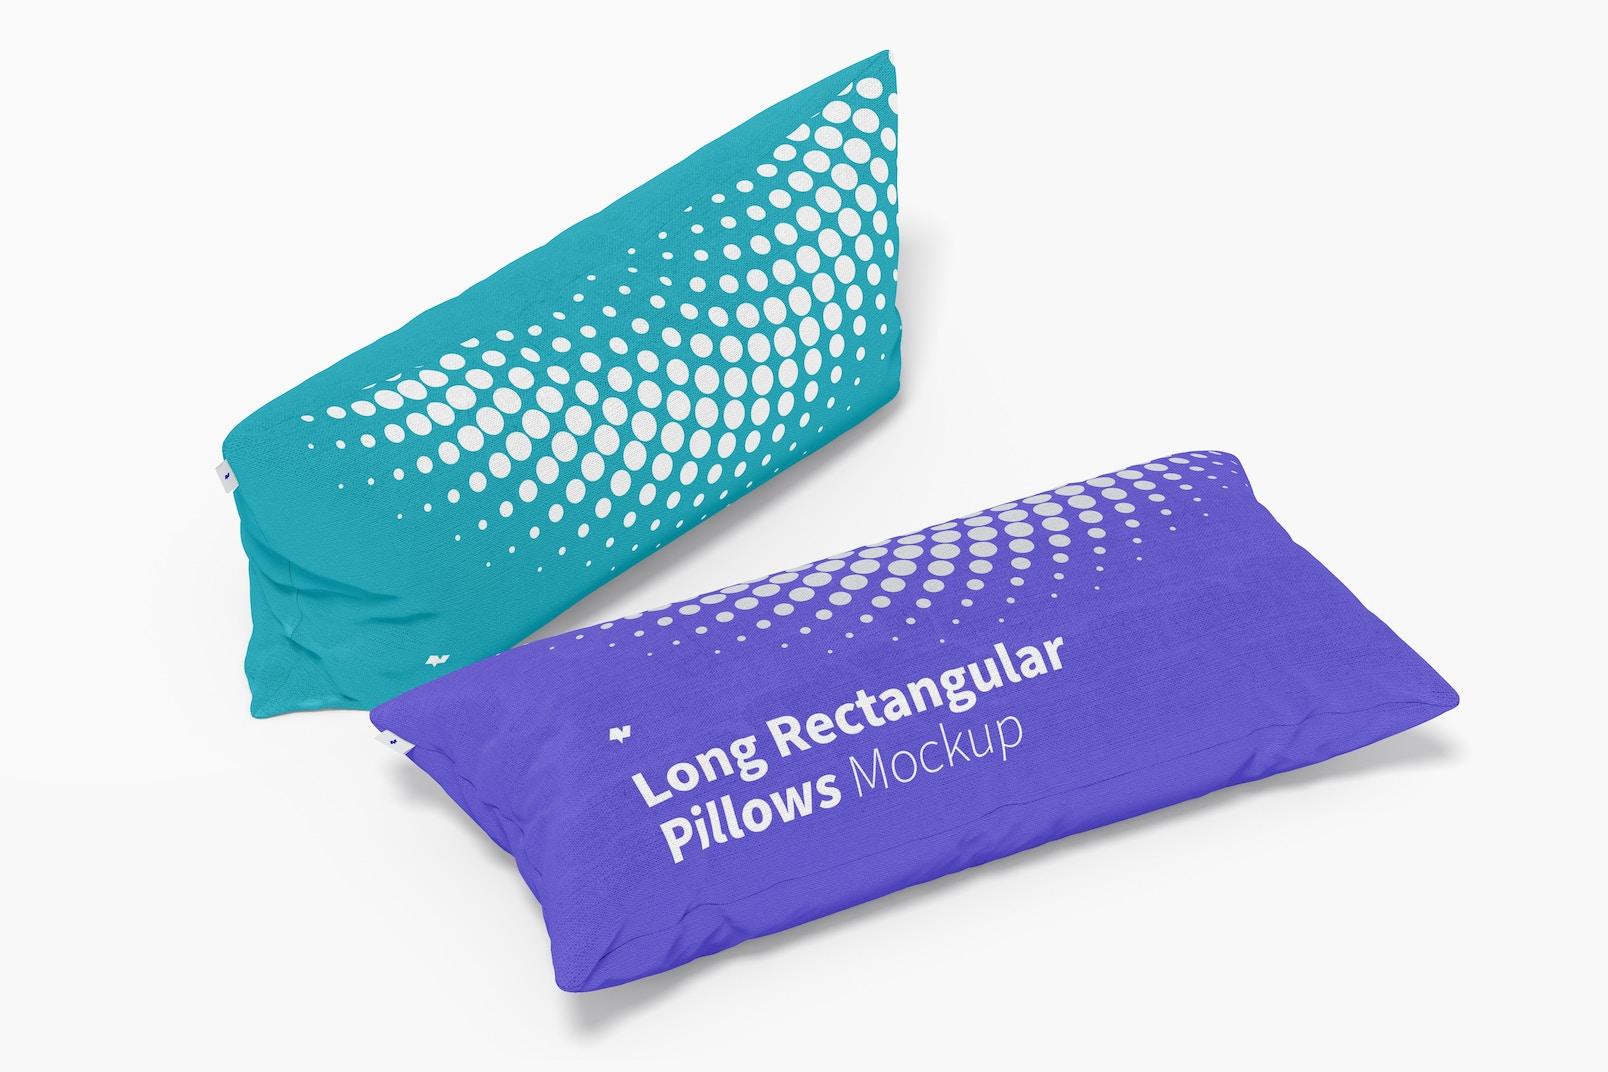 Long Rectangular Pillows Mockup